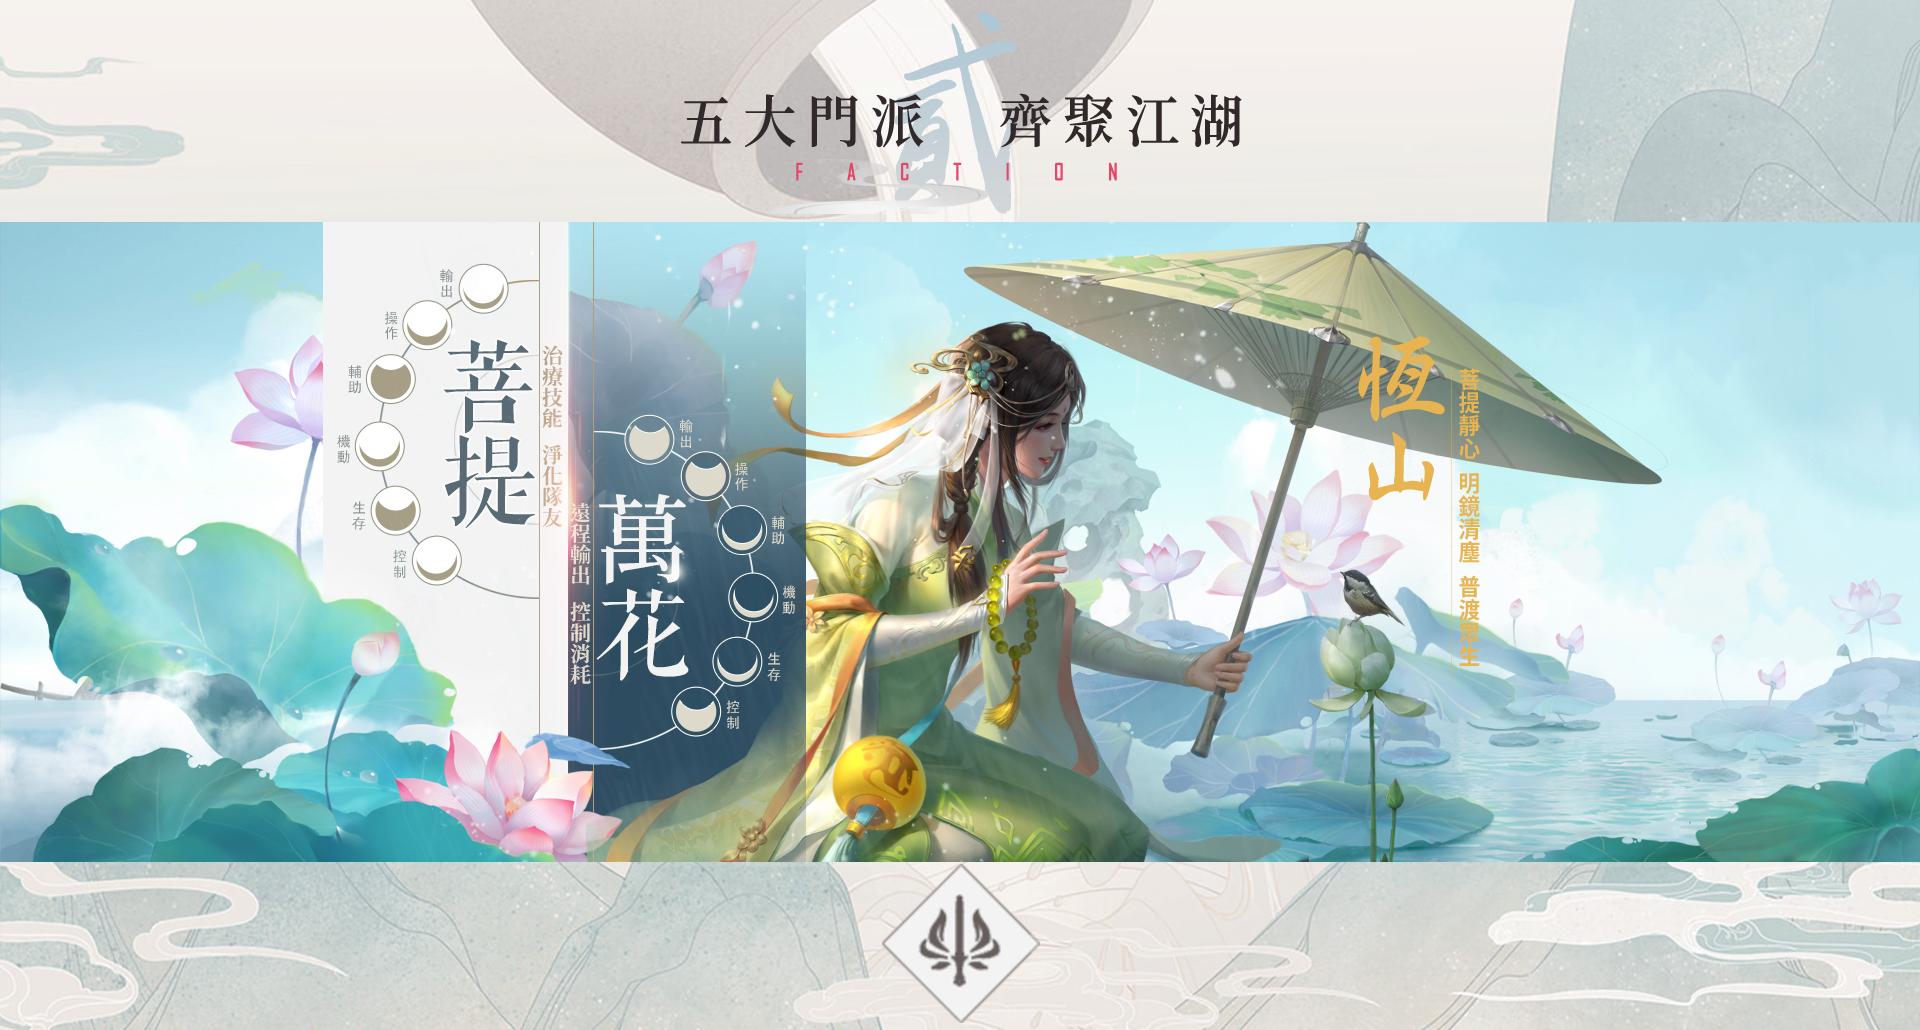 金庸武俠手機遊戲《新笑傲江湖 M》最新情報